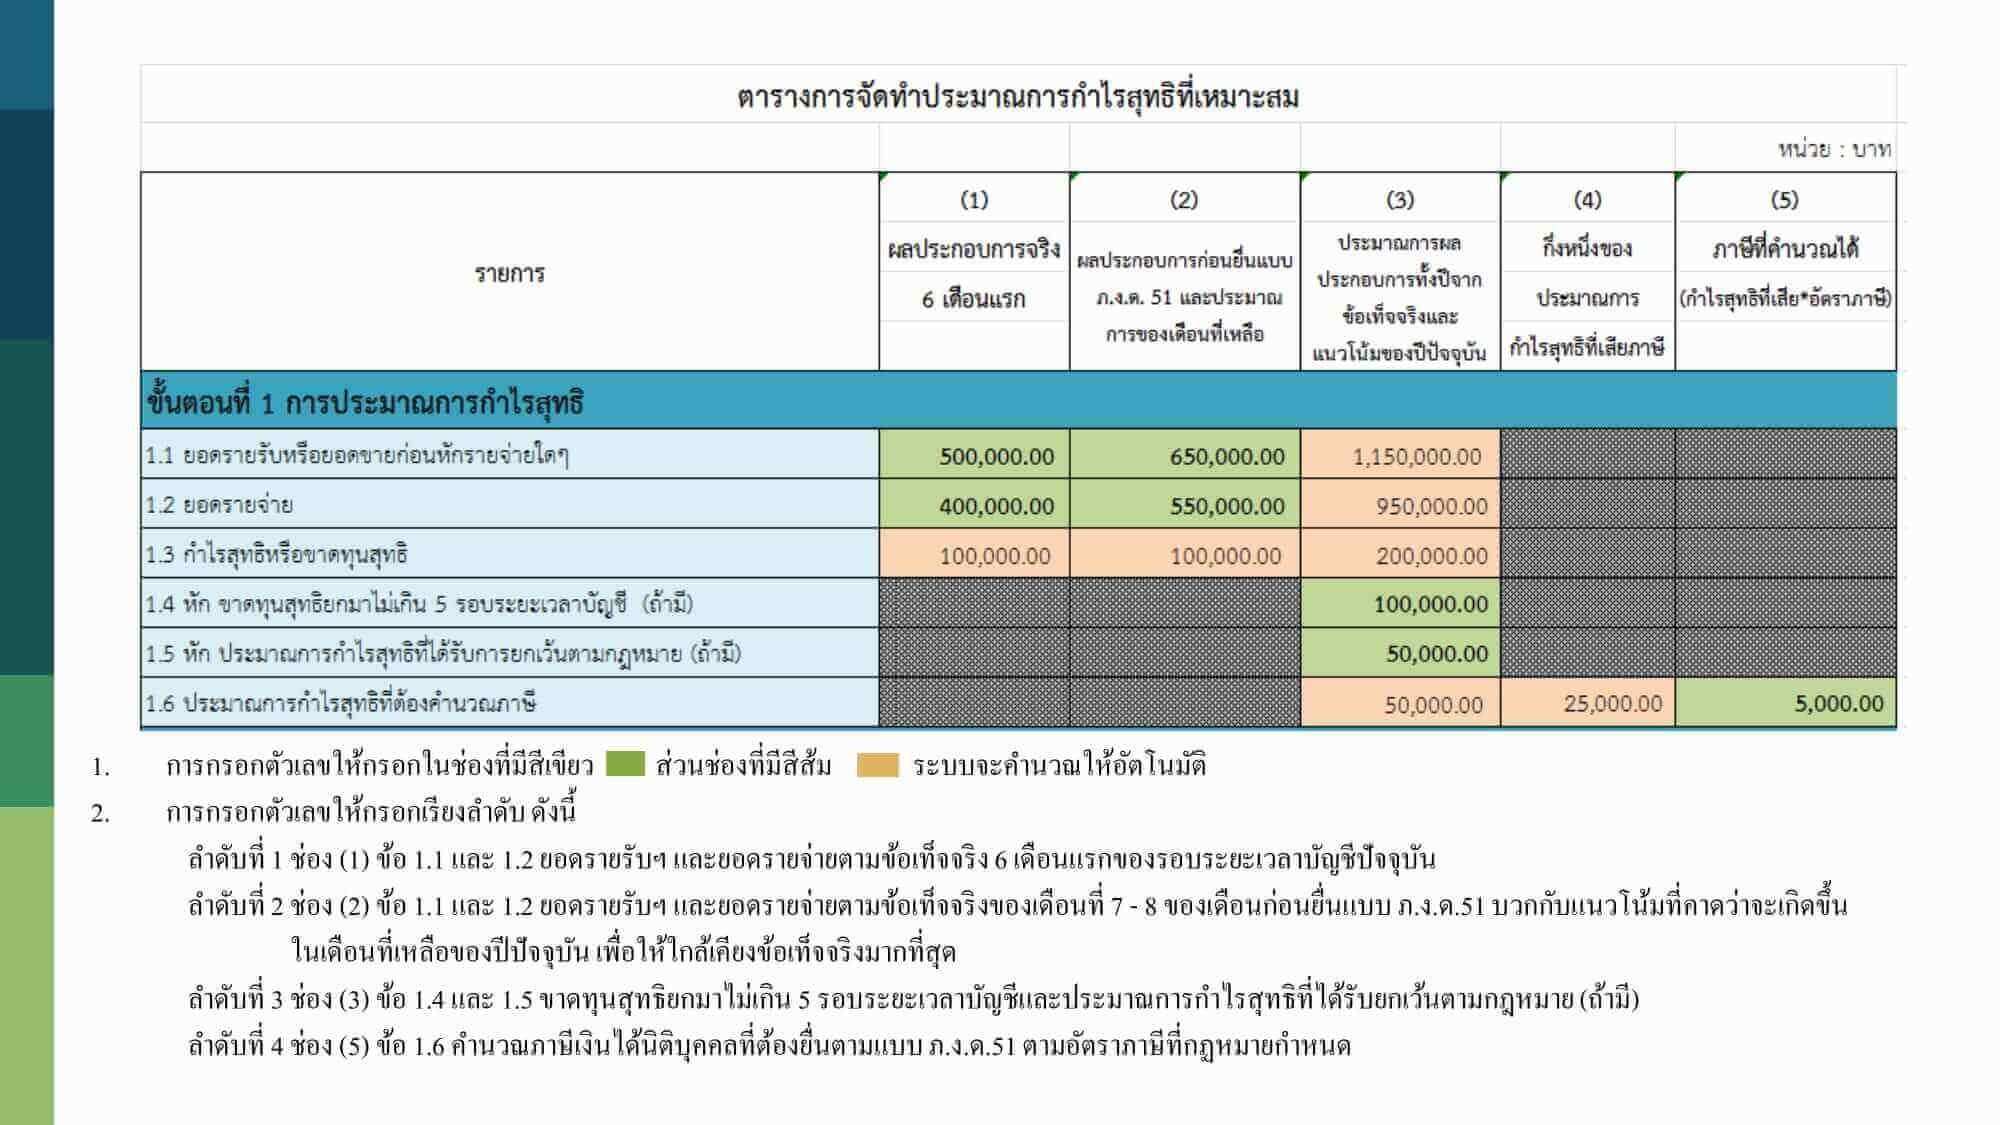 ภงด 51 ยื่นภาษีกลางปี คำนวนภาษี3